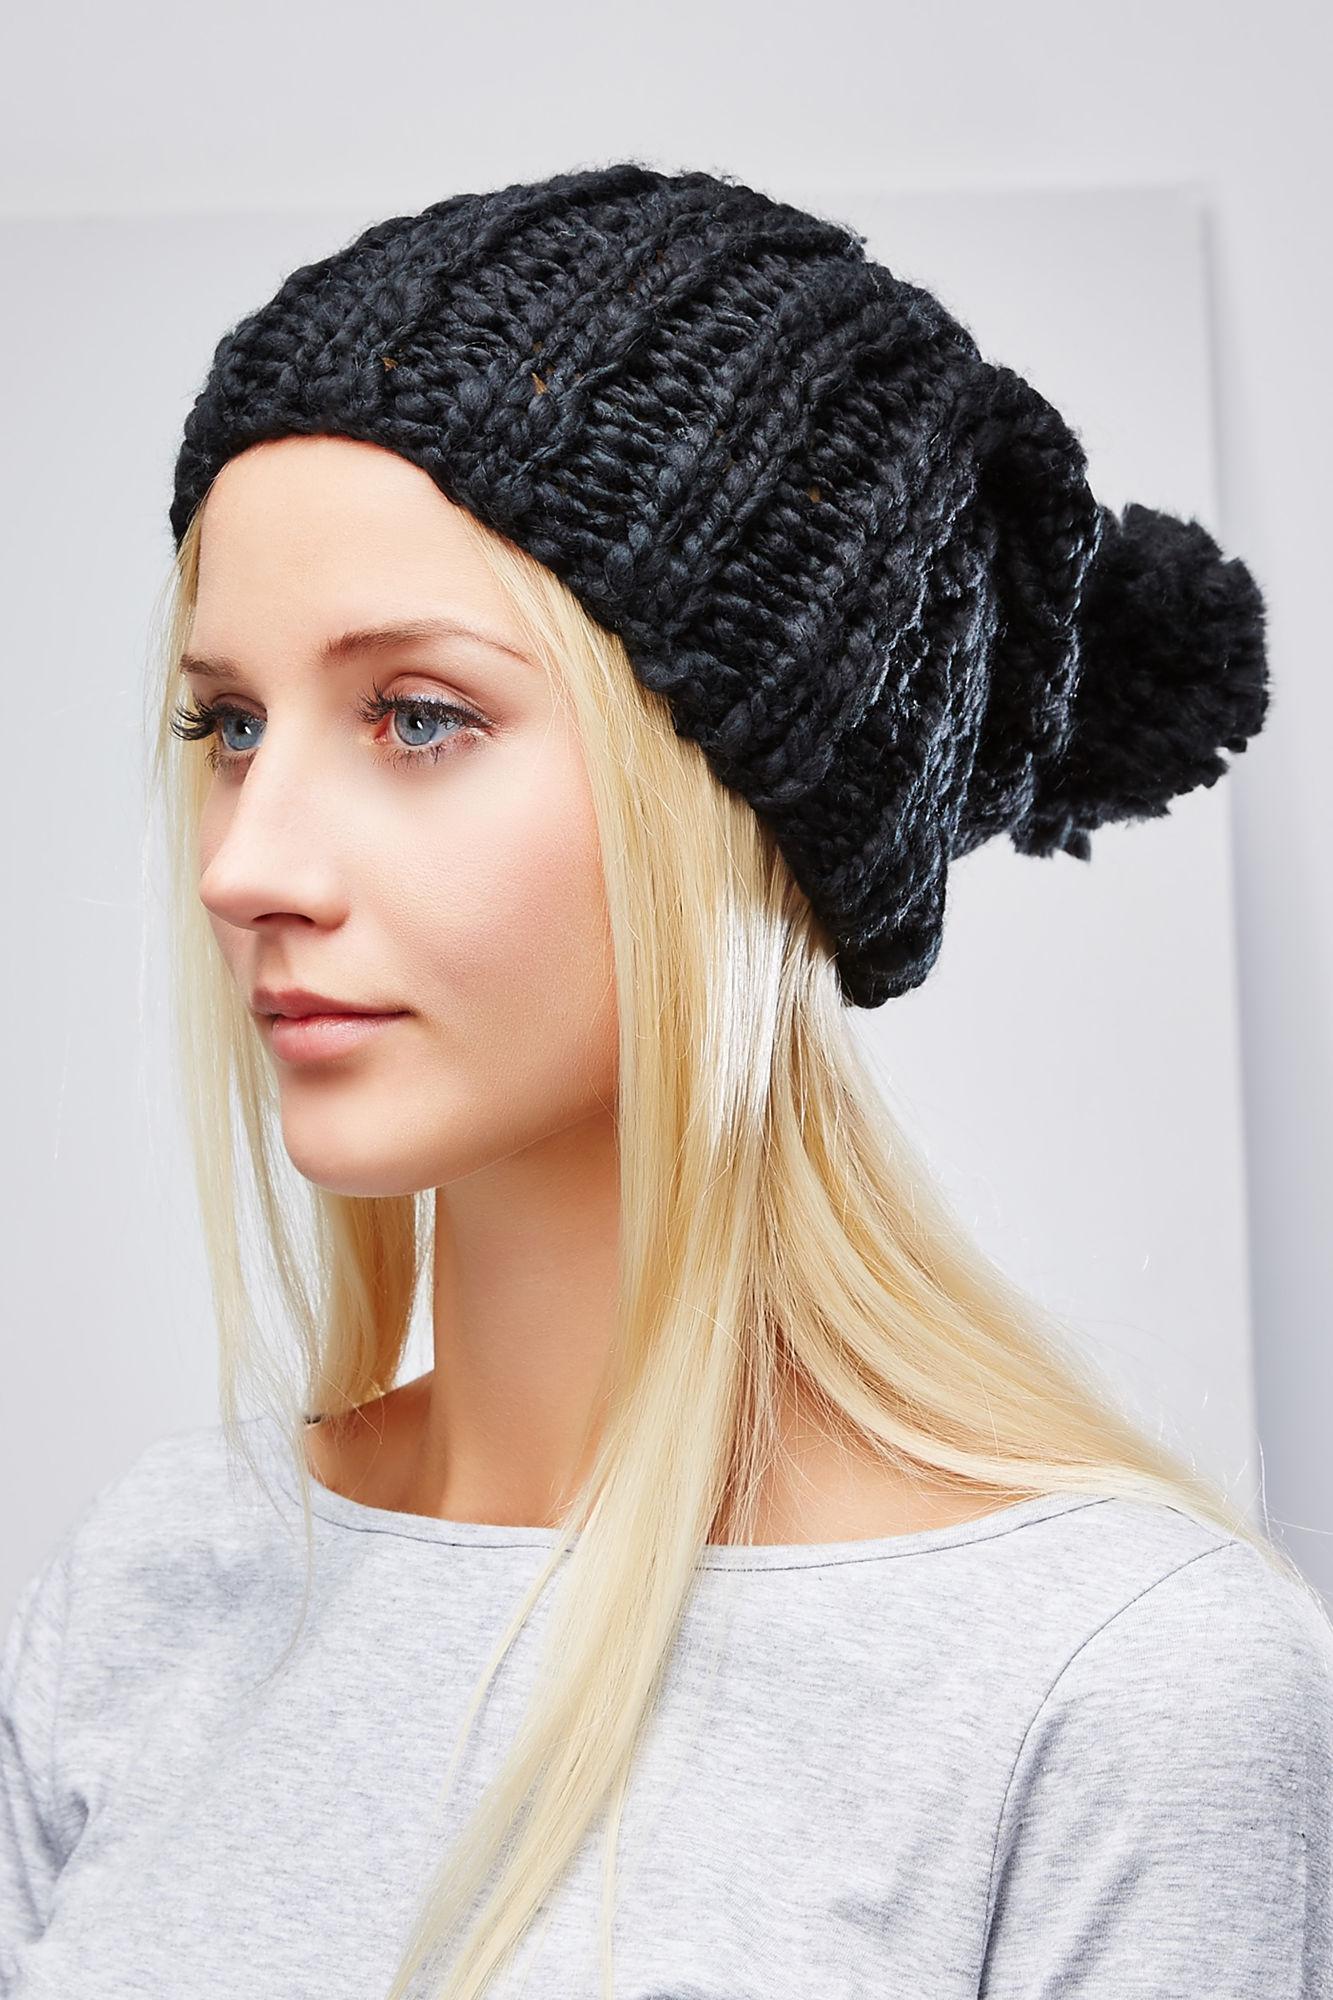 Шапка женская. Z-CZ-1814Z-CZ-1814_BLACKВязаная женская шапка Moodo отлично дополнит ваш образ в прохладную погоду. Модель изготовлена из акрила, она необычайно мягкая и приятная на ощупь, максимально сохраняет тепло. Благодаря крупной эластичной вязке, шапочка идеально прилегает к голове. Шапка с отворотом дополнена мягким пушистым помпоном на макушке. Такой стильный и теплый головной убор подчеркнет вашу индивидуальность и станет отличным дополнением к гардеробу!